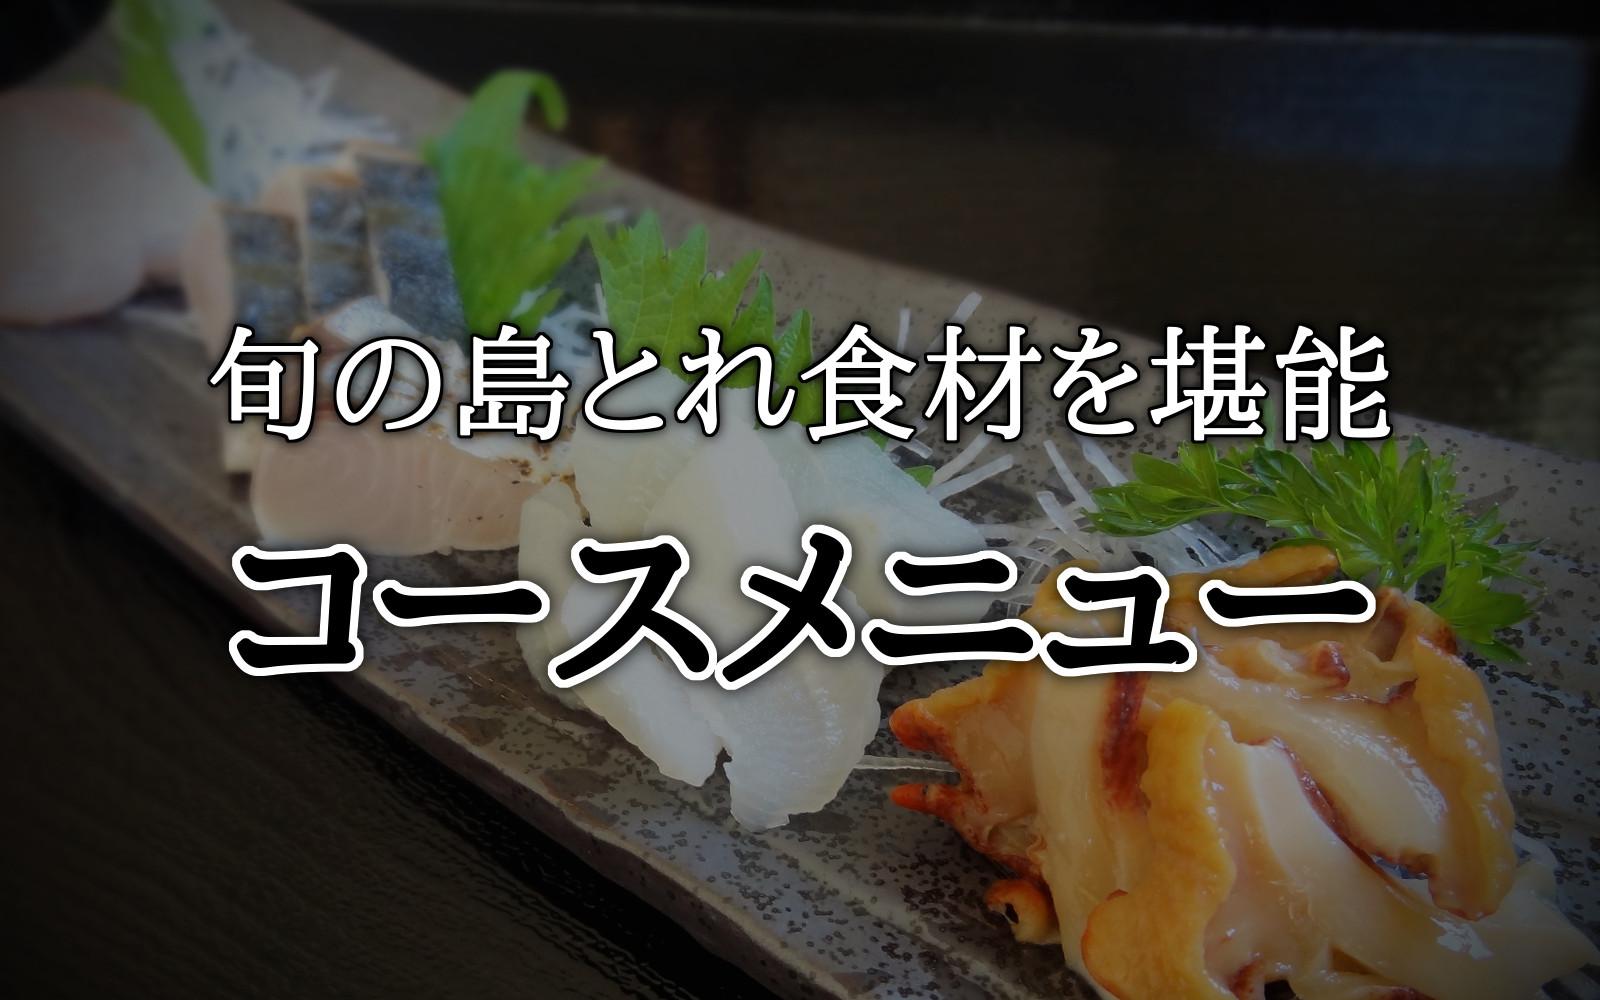 喜久屋のコースメニュー